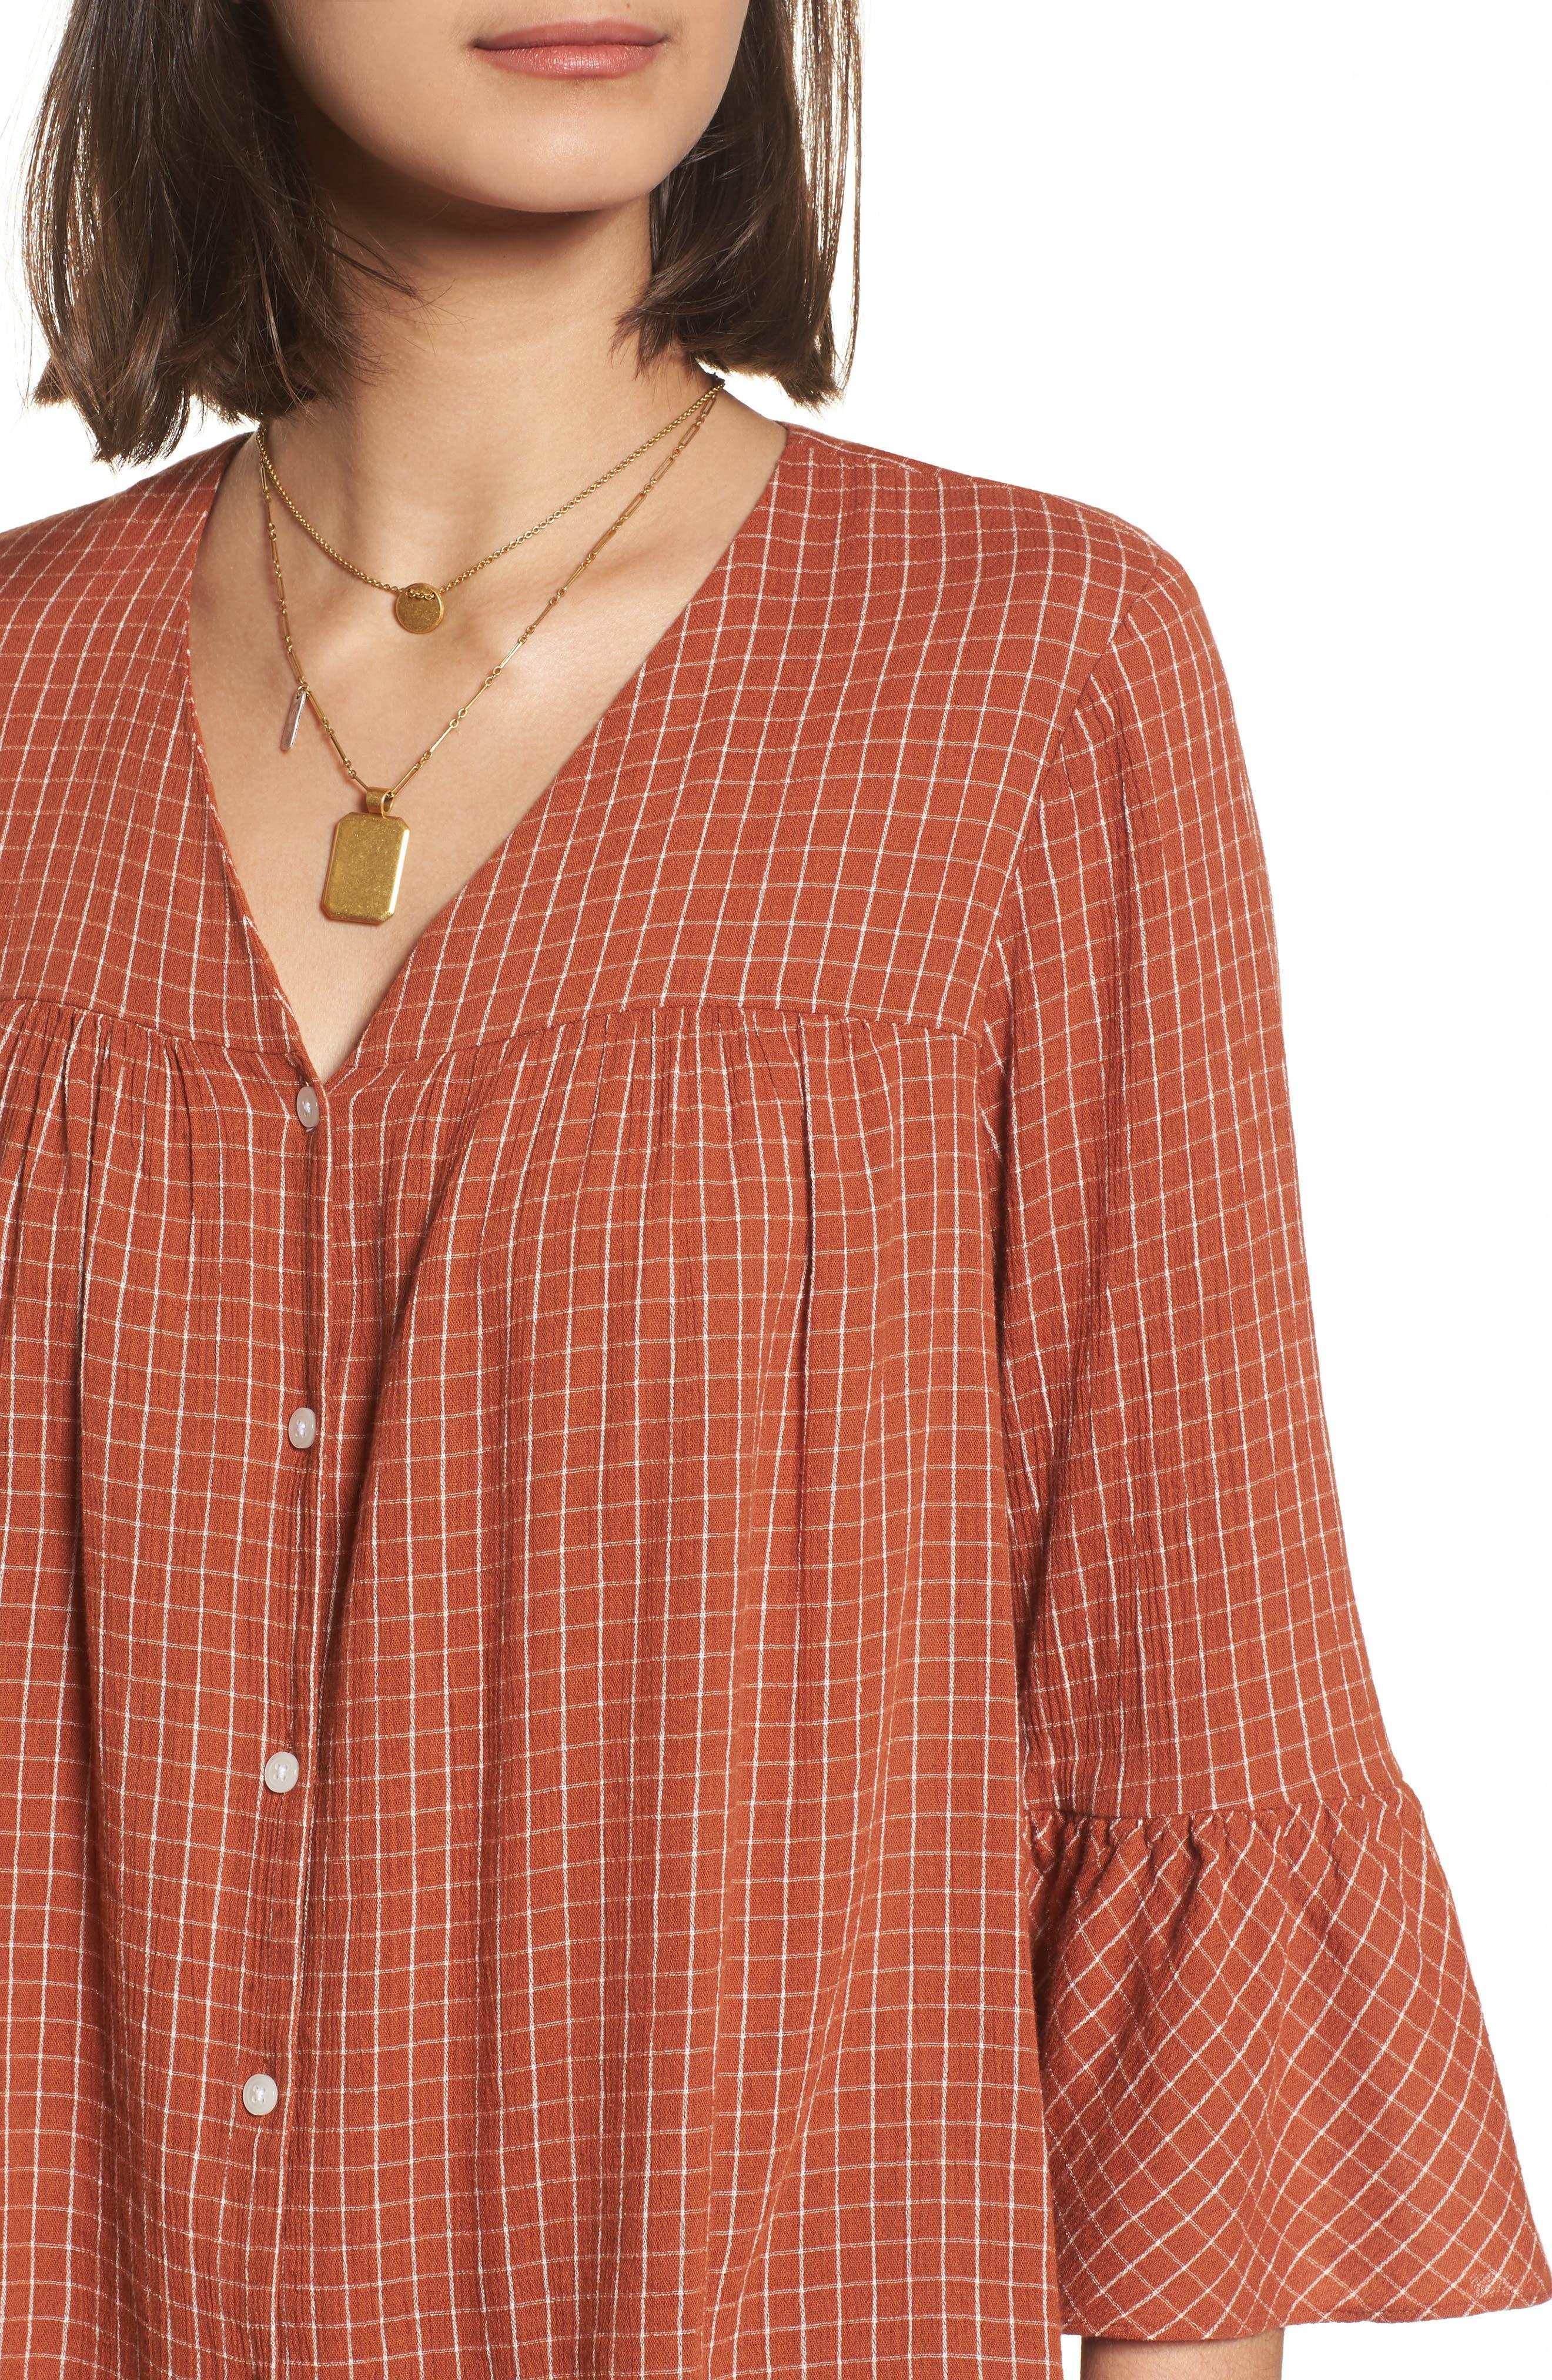 Veranda Bell Sleeve Shirt,                             Alternate thumbnail 4, color,                             800